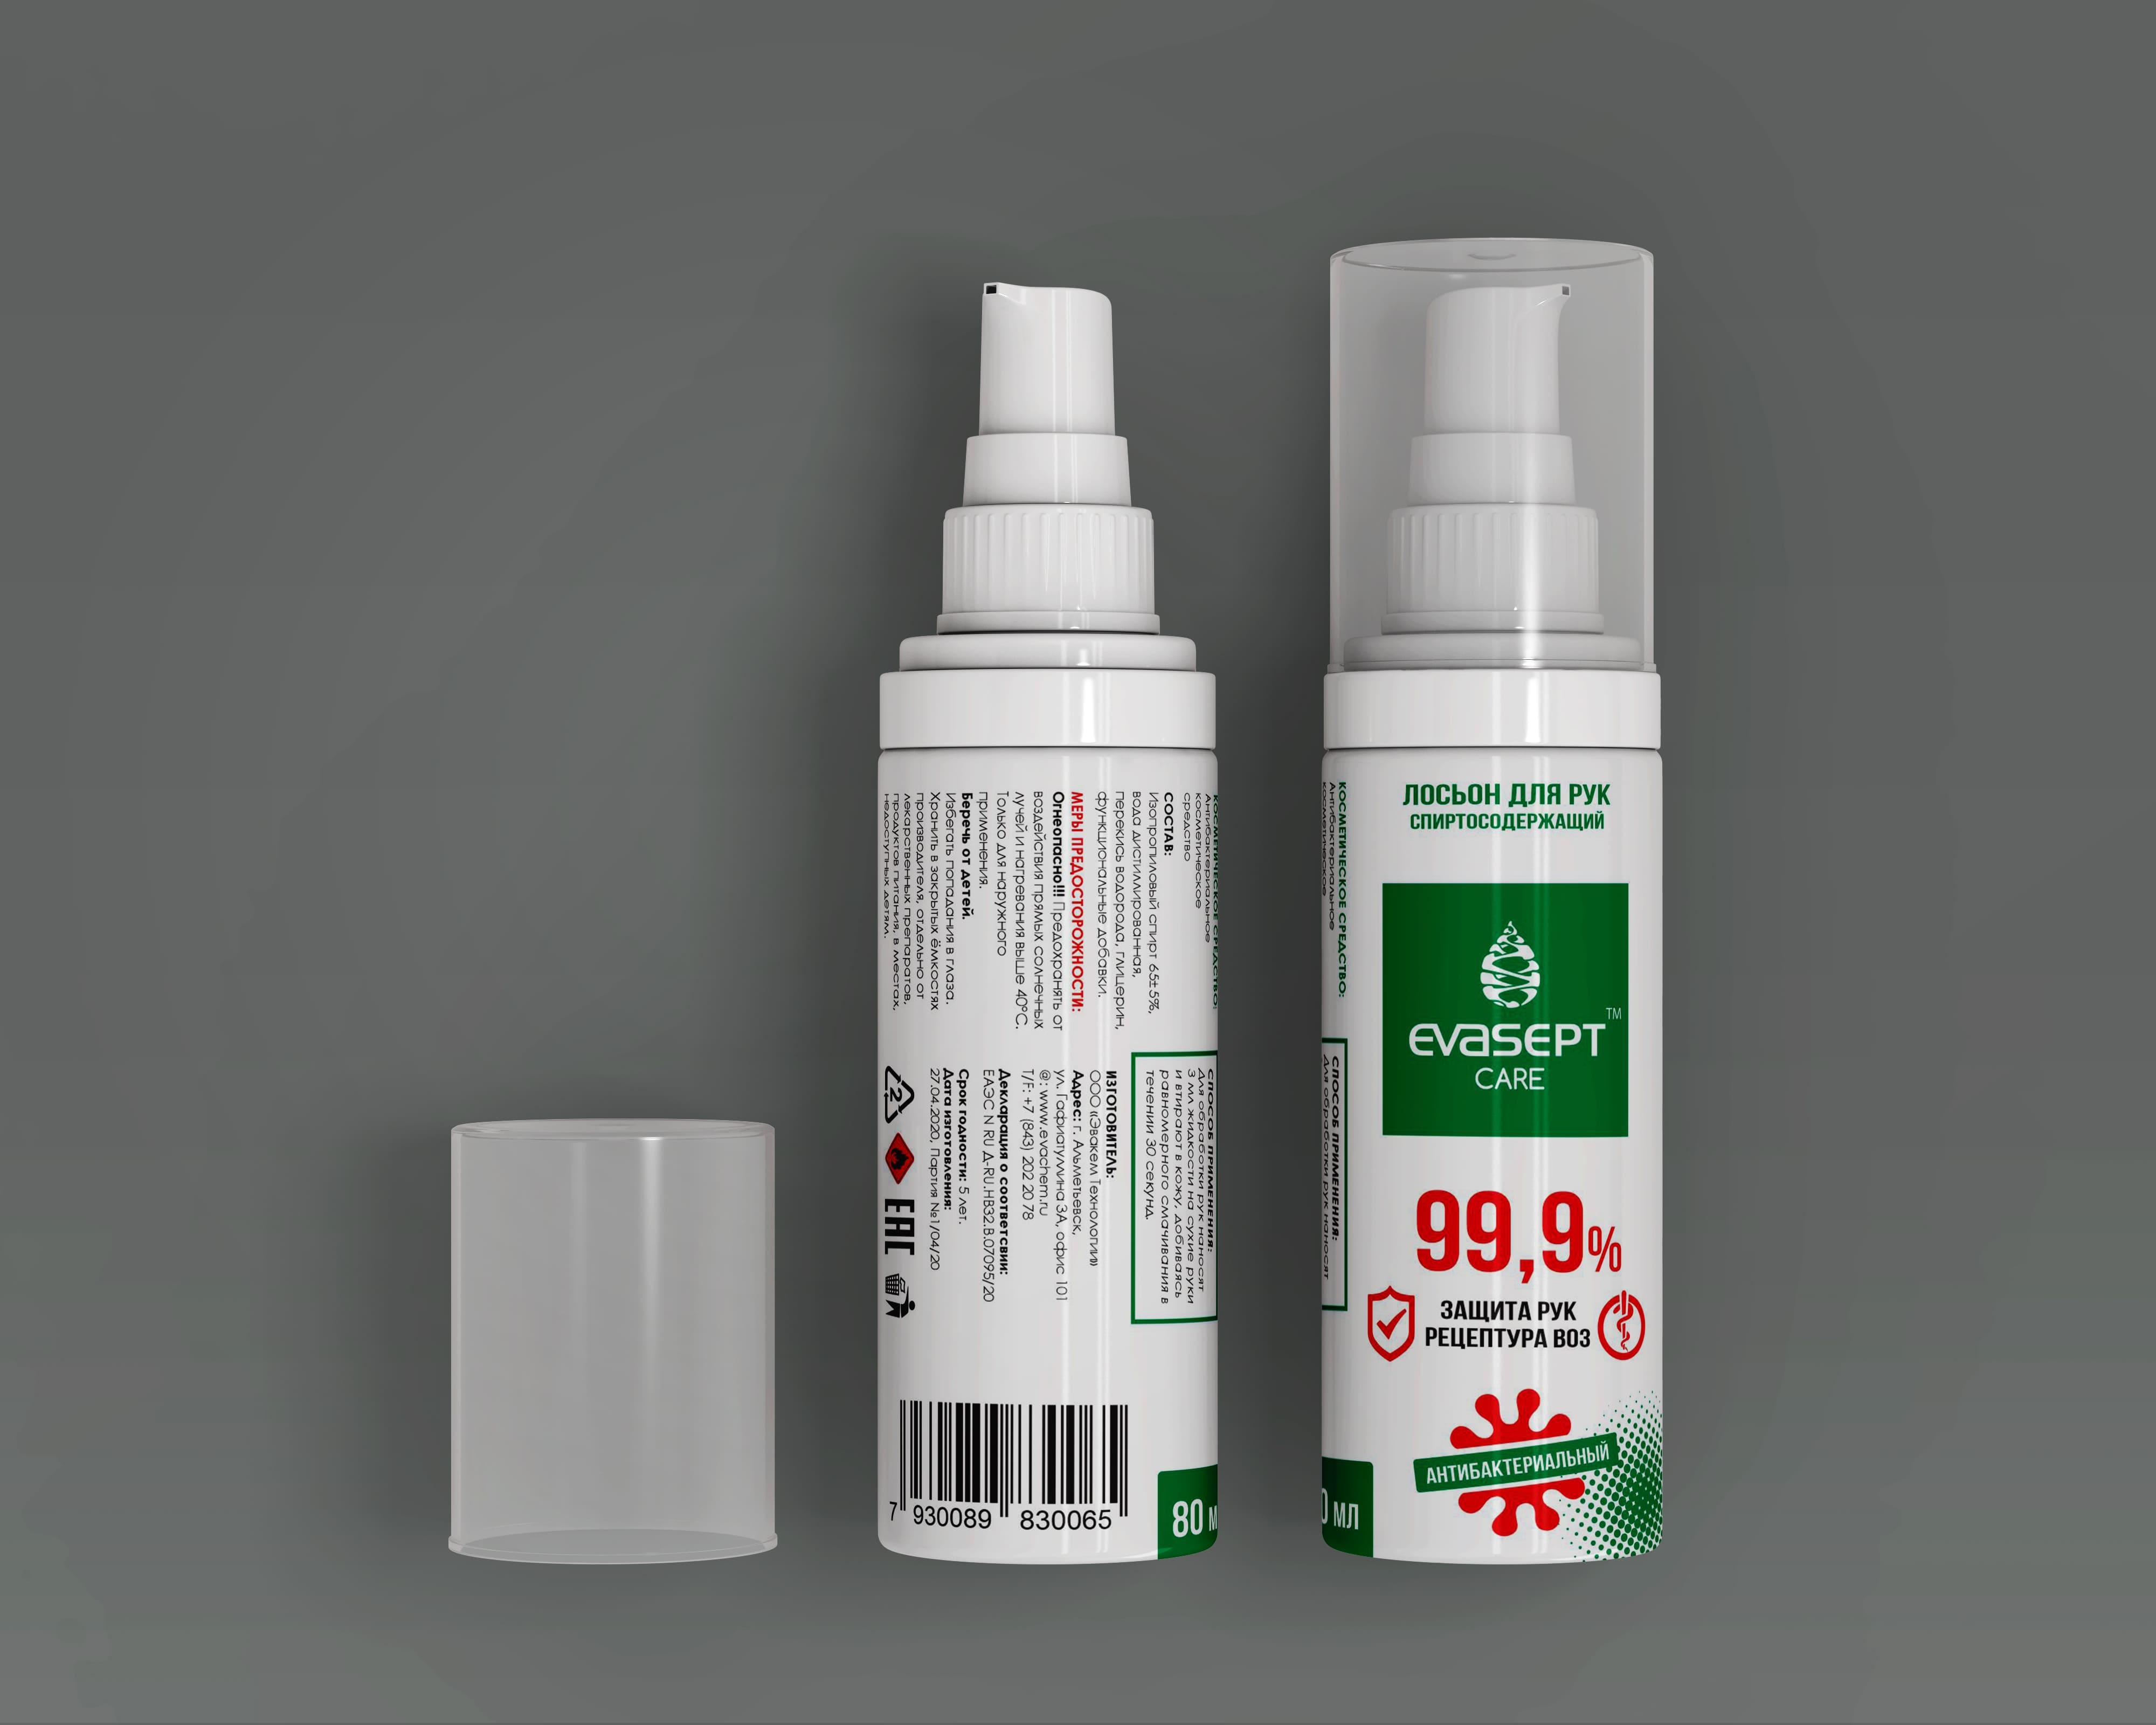 Доработать этикетку кожного антисептика фото f_4615eb55c8cae91b.jpg